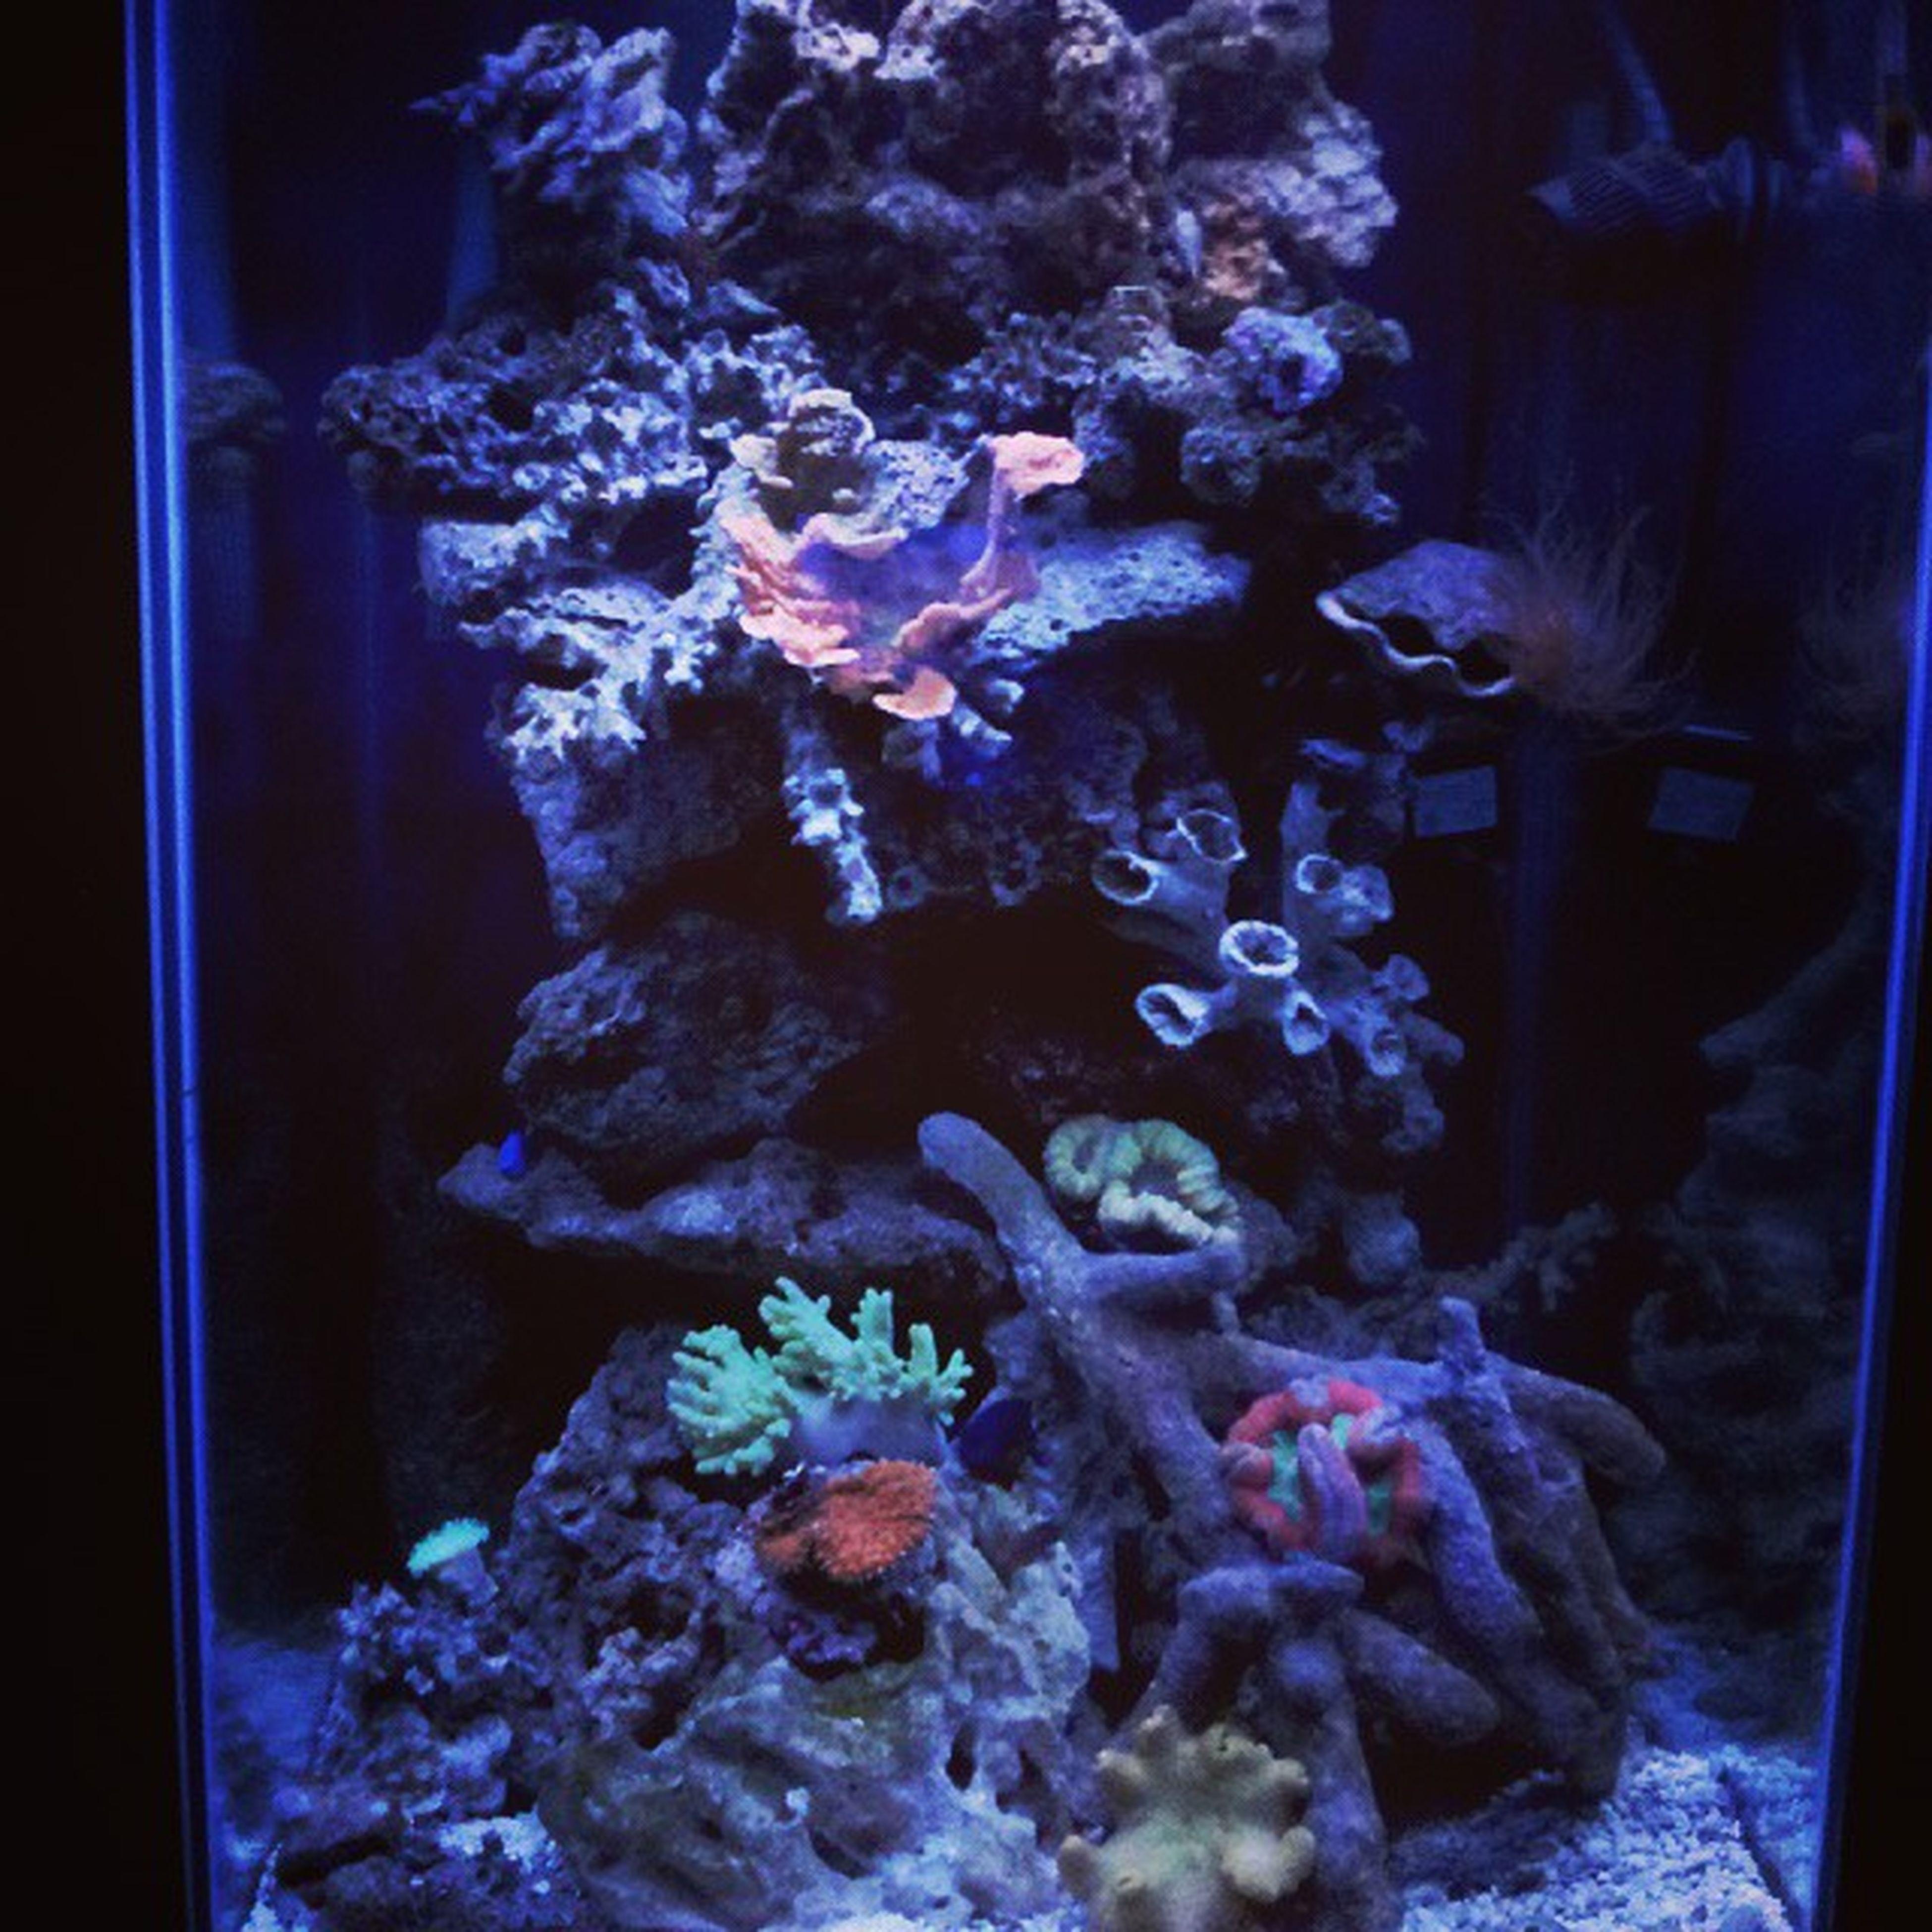 Reeftank Reef4reef Reef Allmymoneygoestocoral Reefers4reefers Coral Coraltank Coralreef Coralmushroom Igcoral Igreef Igcoral Igcoral Gayowner Gayowned Gaylifestyle Gaysofinsta Gay